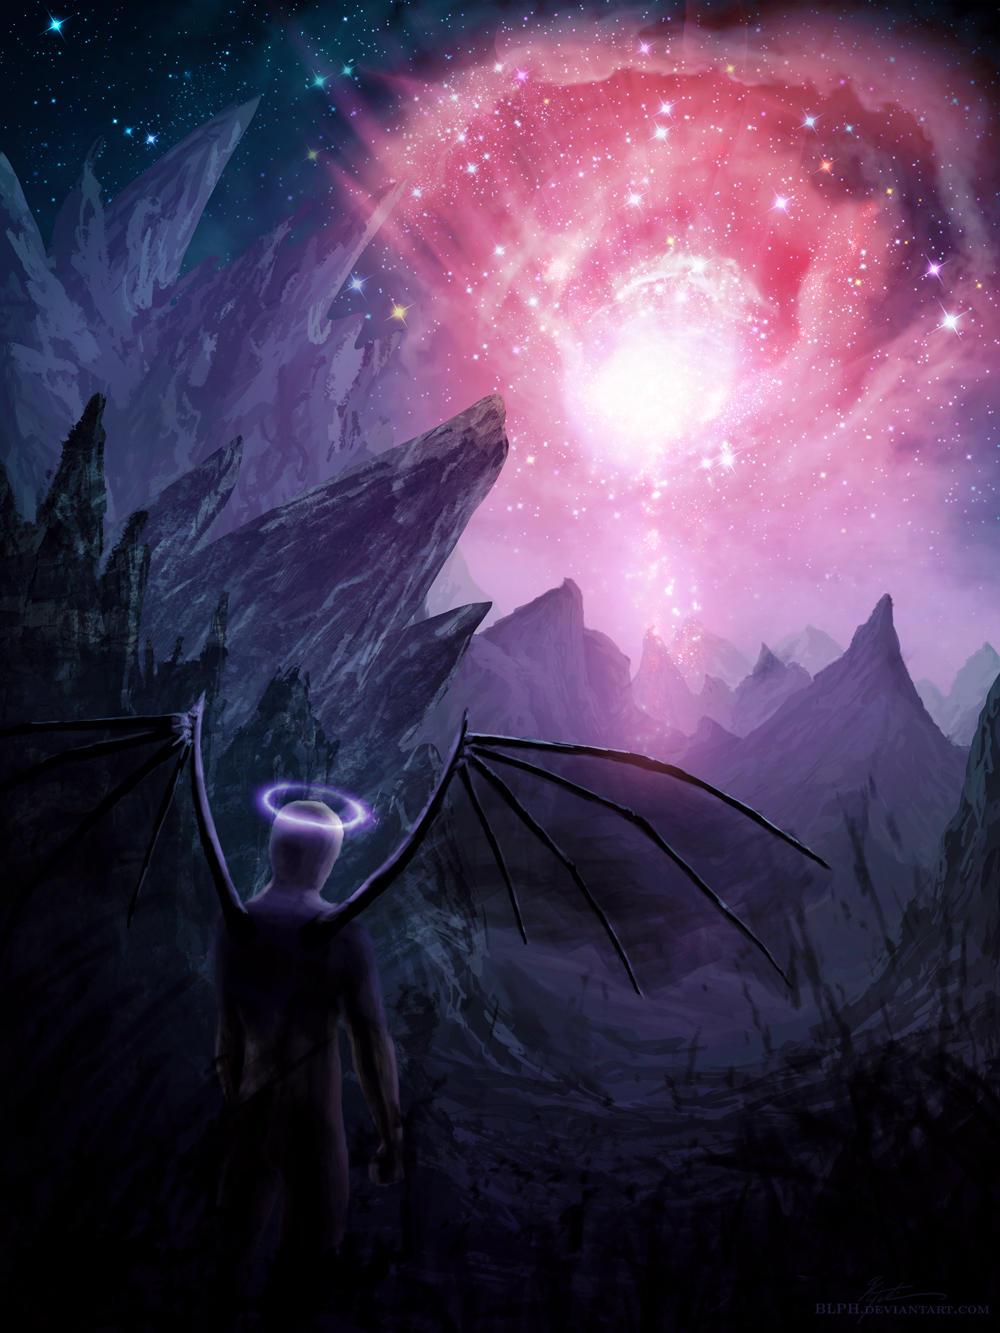 Fallen Star by BLPH